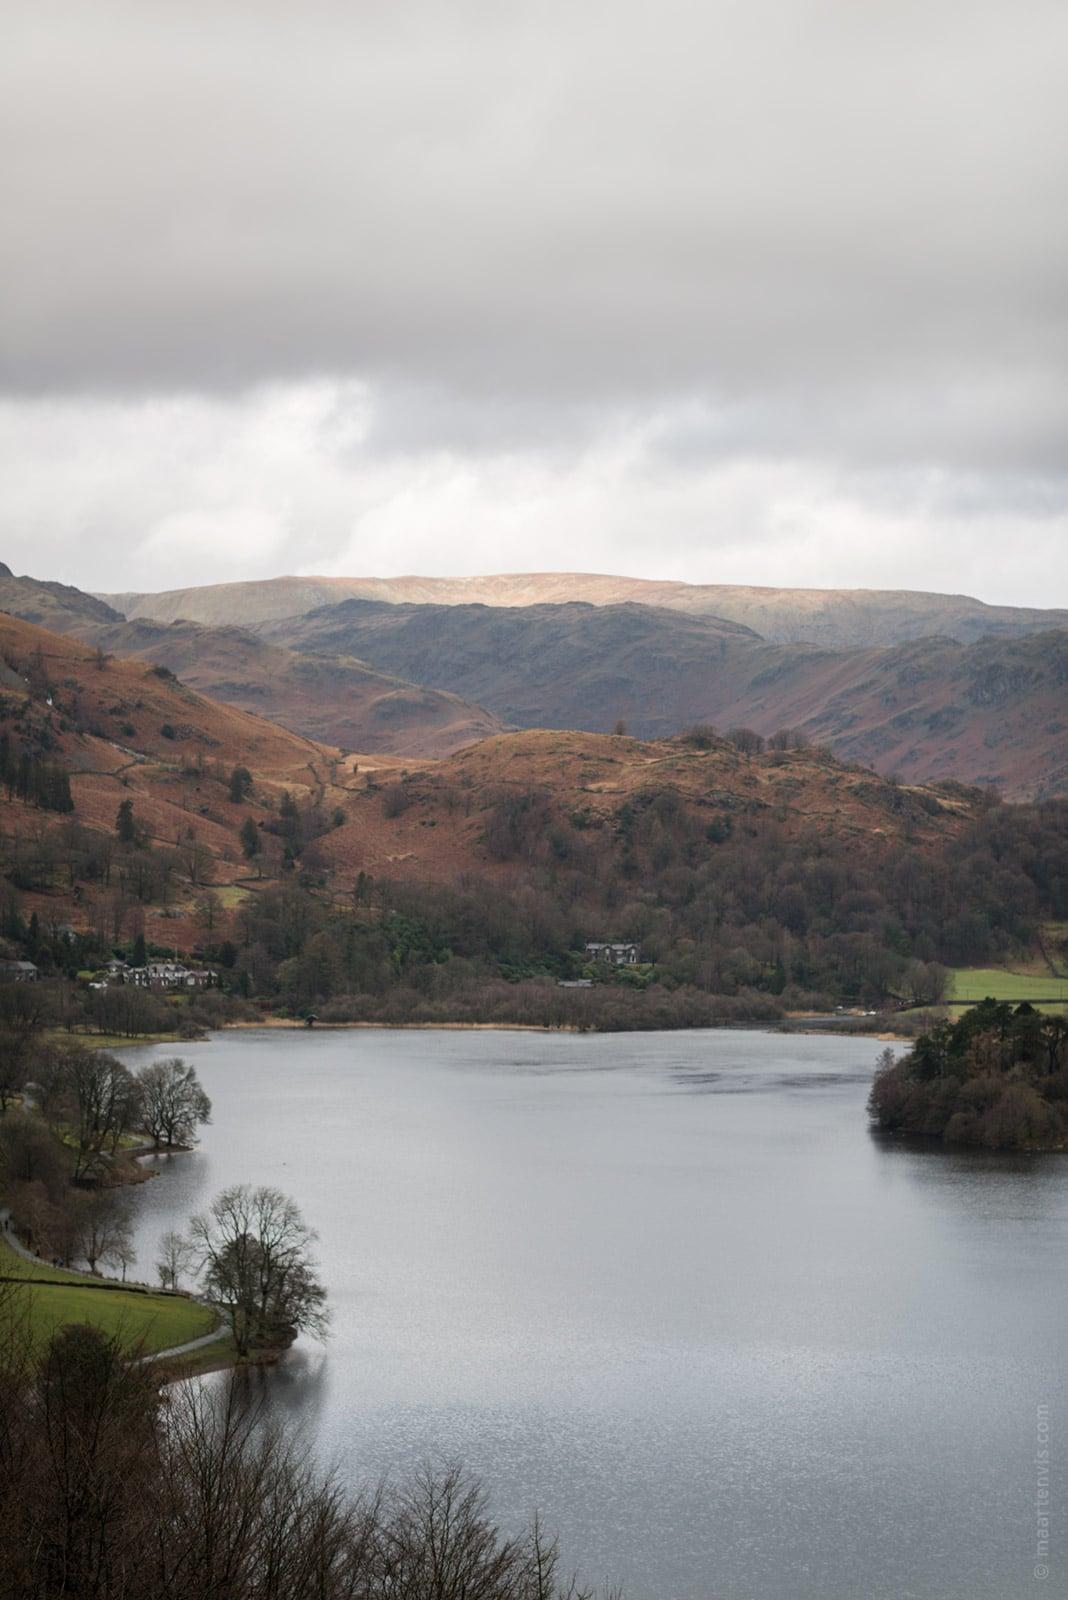 20160327 8707 - Lake District Hiking